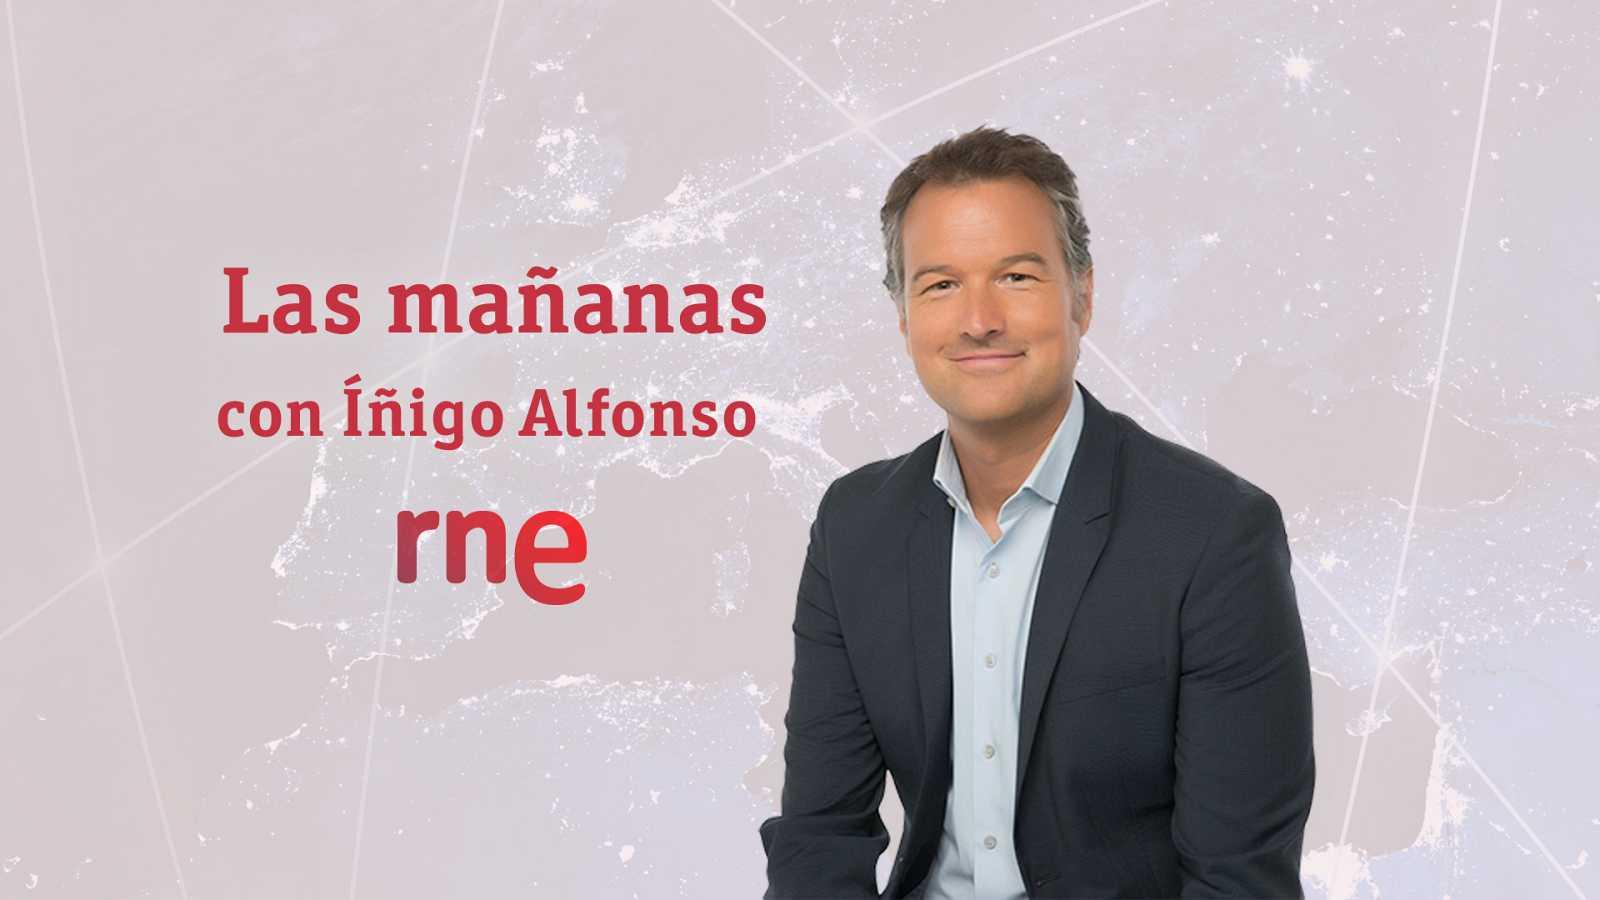 Las mañanas de RNE con Íñigo Alfonso - Segunda hora - 26/10/20 - escuchar ahora